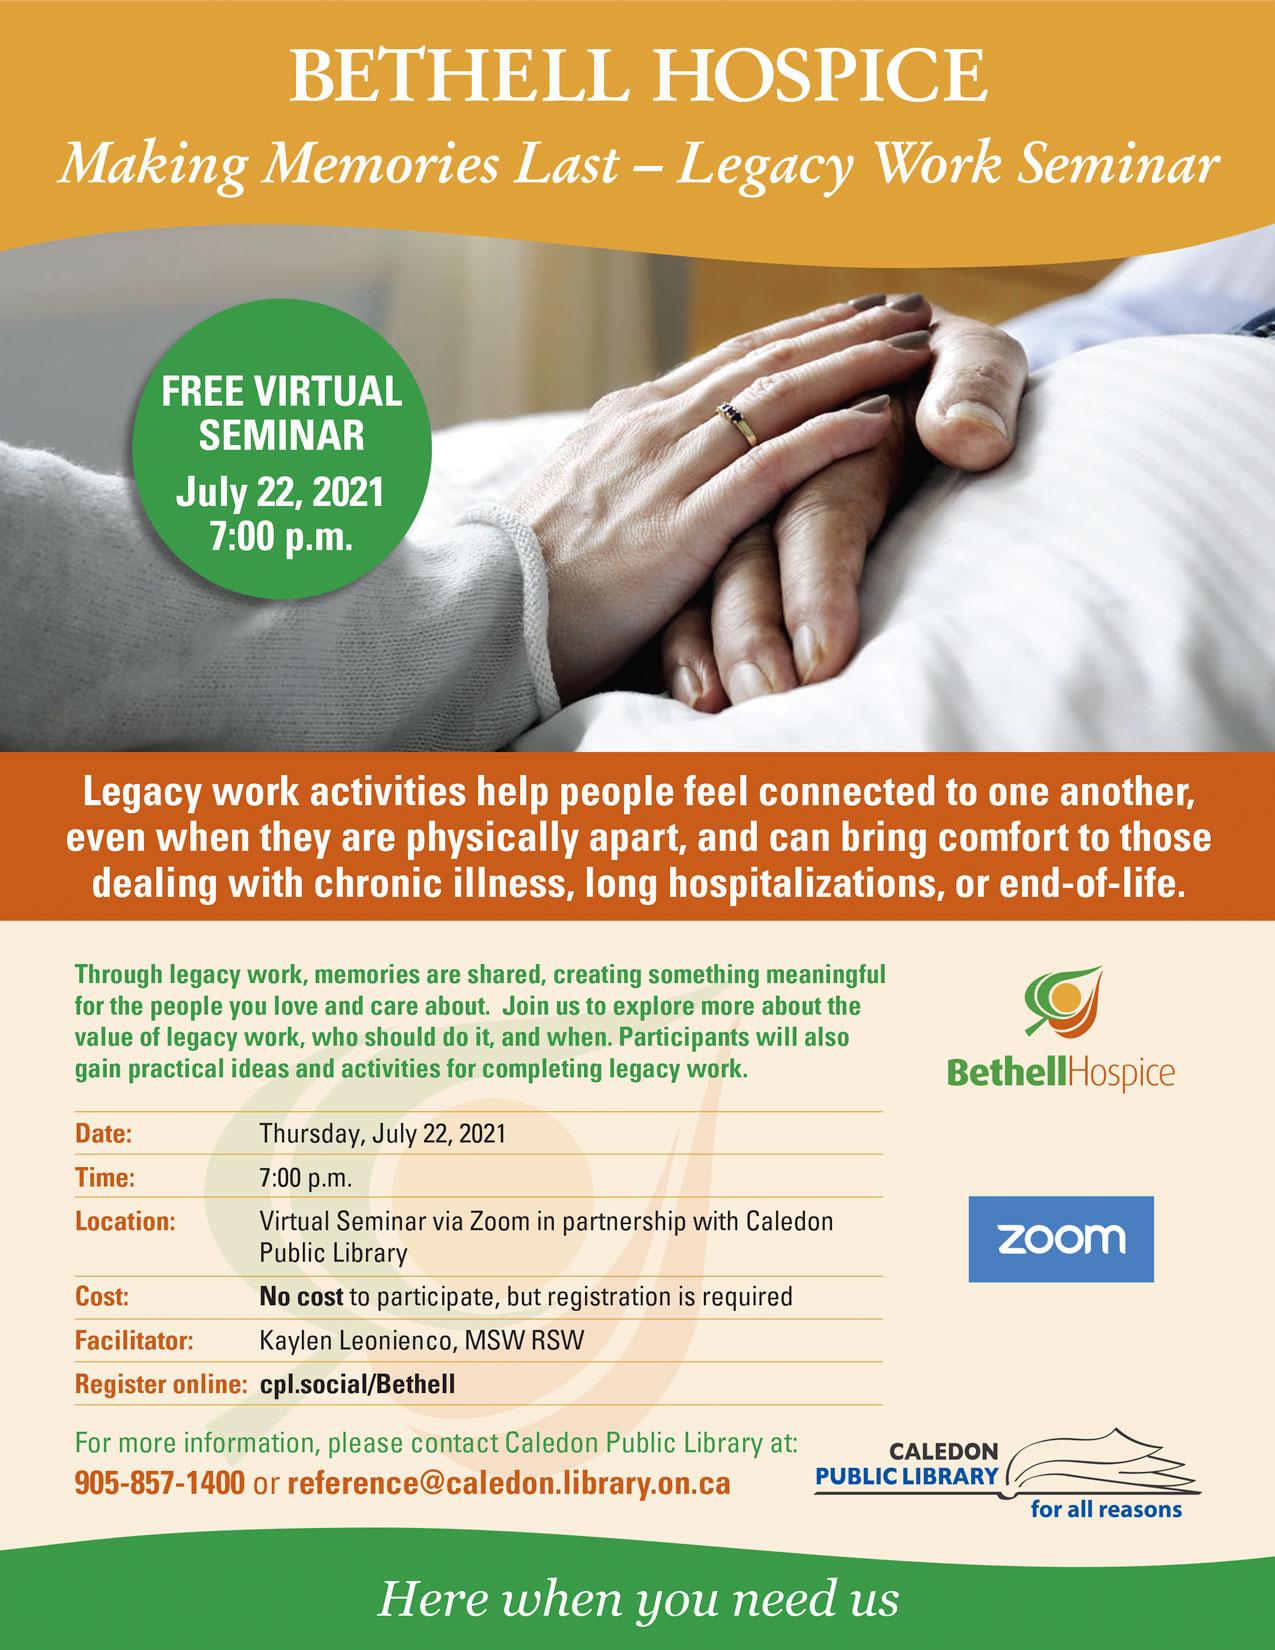 Making Memories Last Seminar